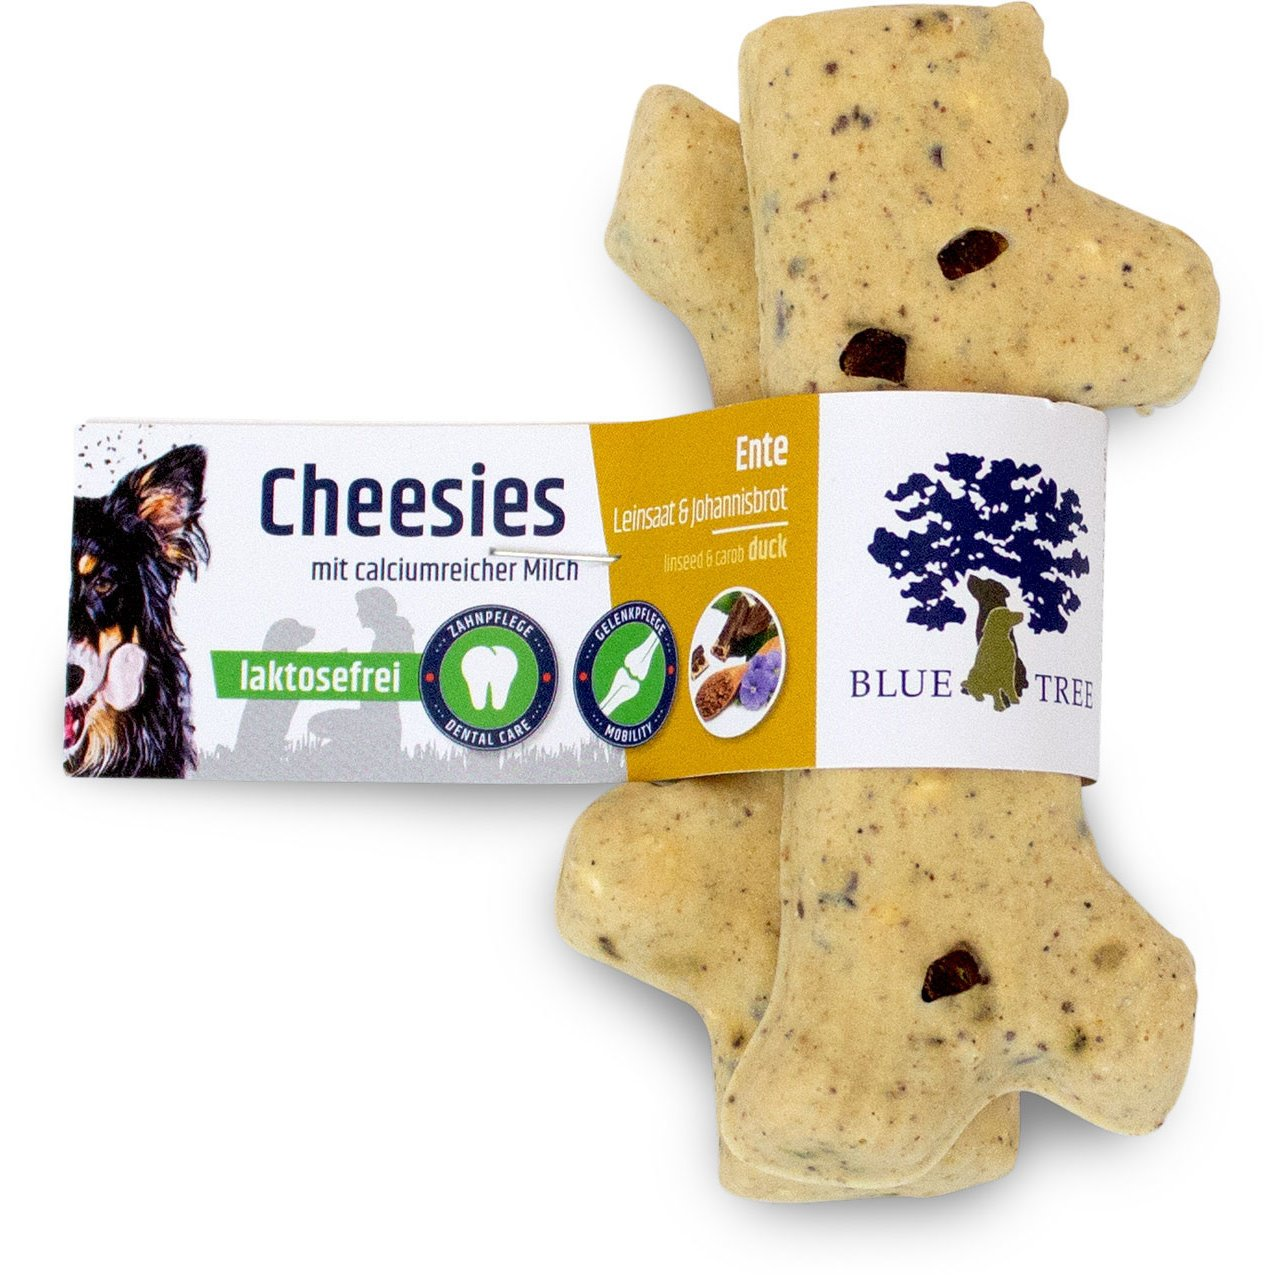 Blue Tree Cheesies Kausnacks mit laktosefreier Milch, Bild 7